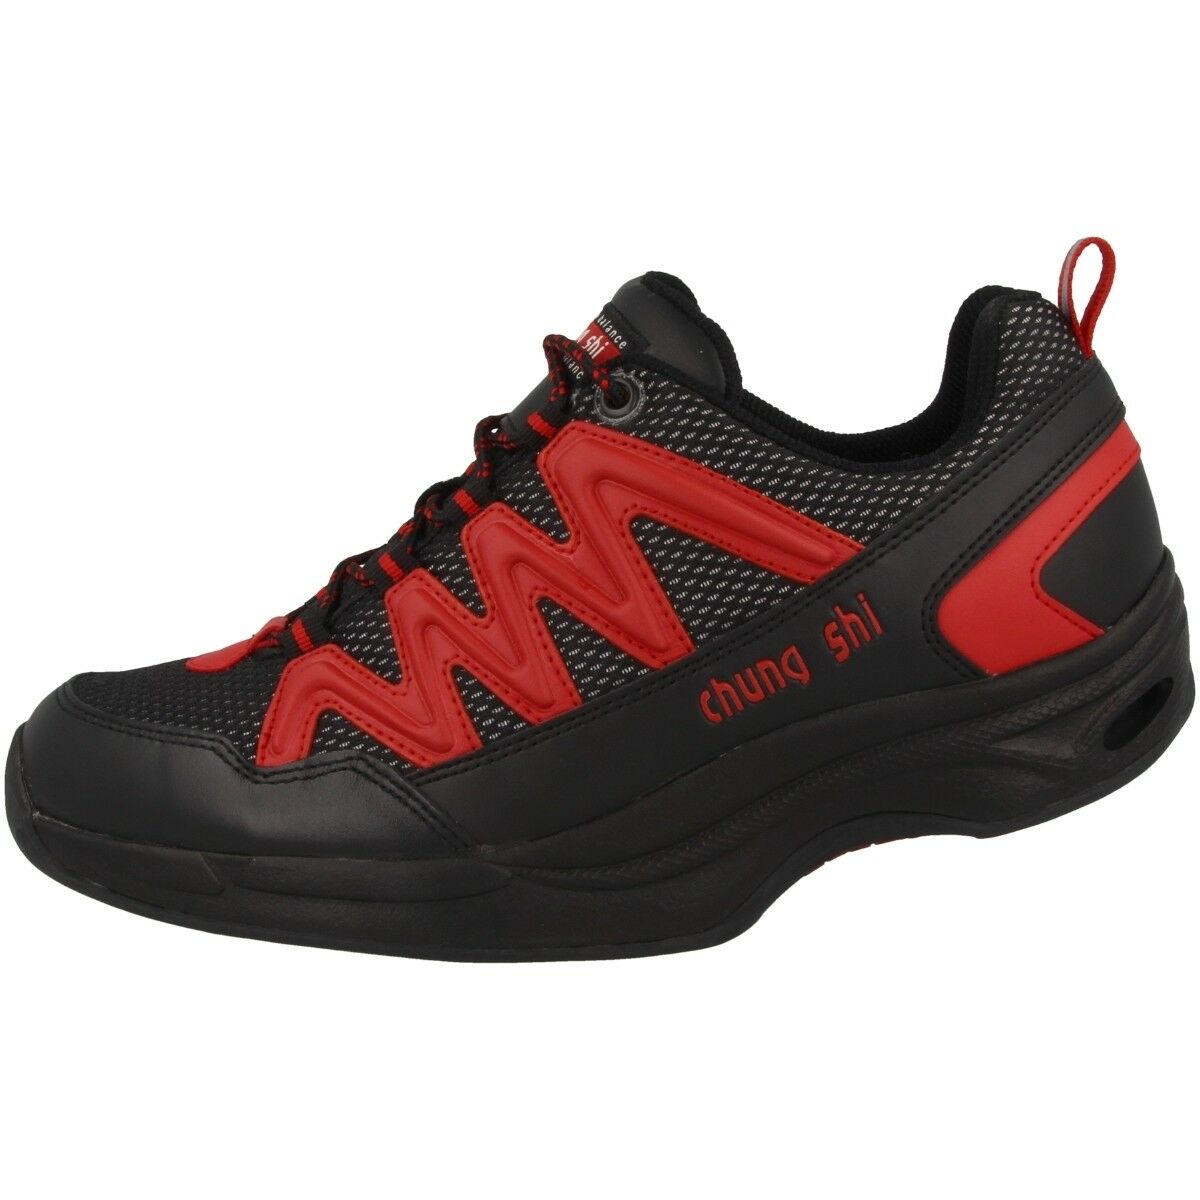 Chung Shi Balance Zapatillas Step Magic HOMBRE ZAPATOS Zapatillas Balance Deportivas Negro 9101010 6d3f56